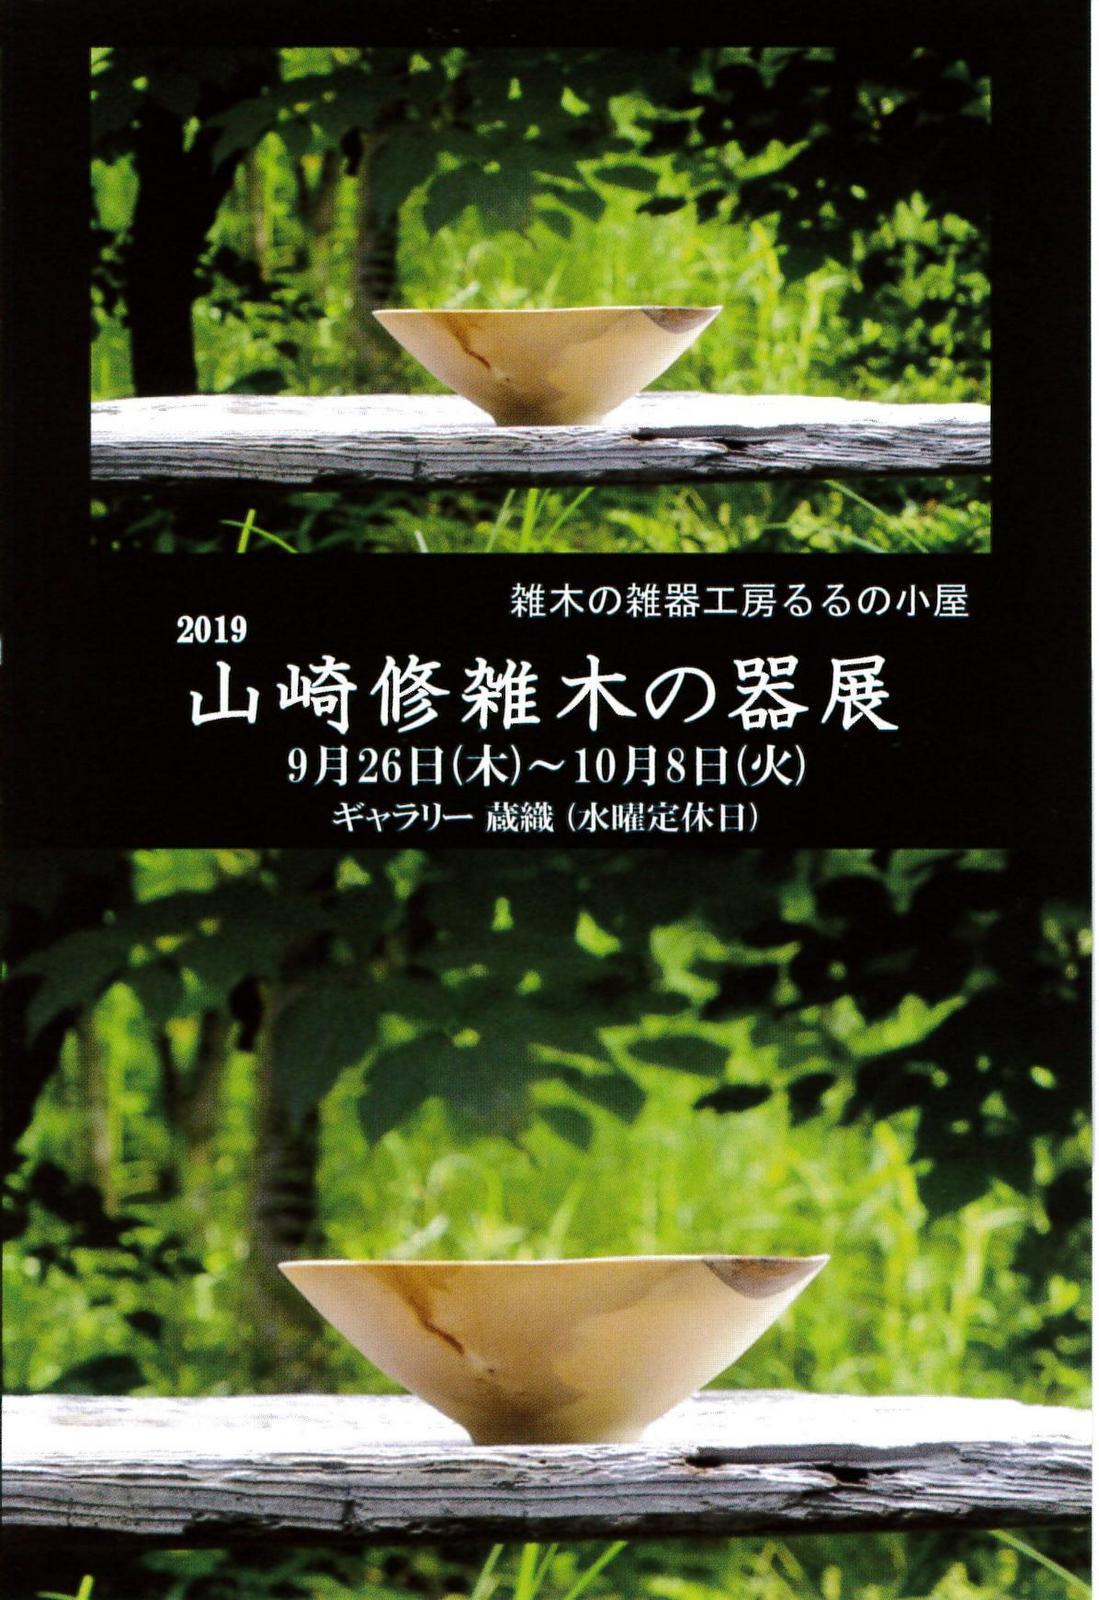 今日からの山崎修さんの木の器展はこんな感じ。_e0046190_16500725.jpg